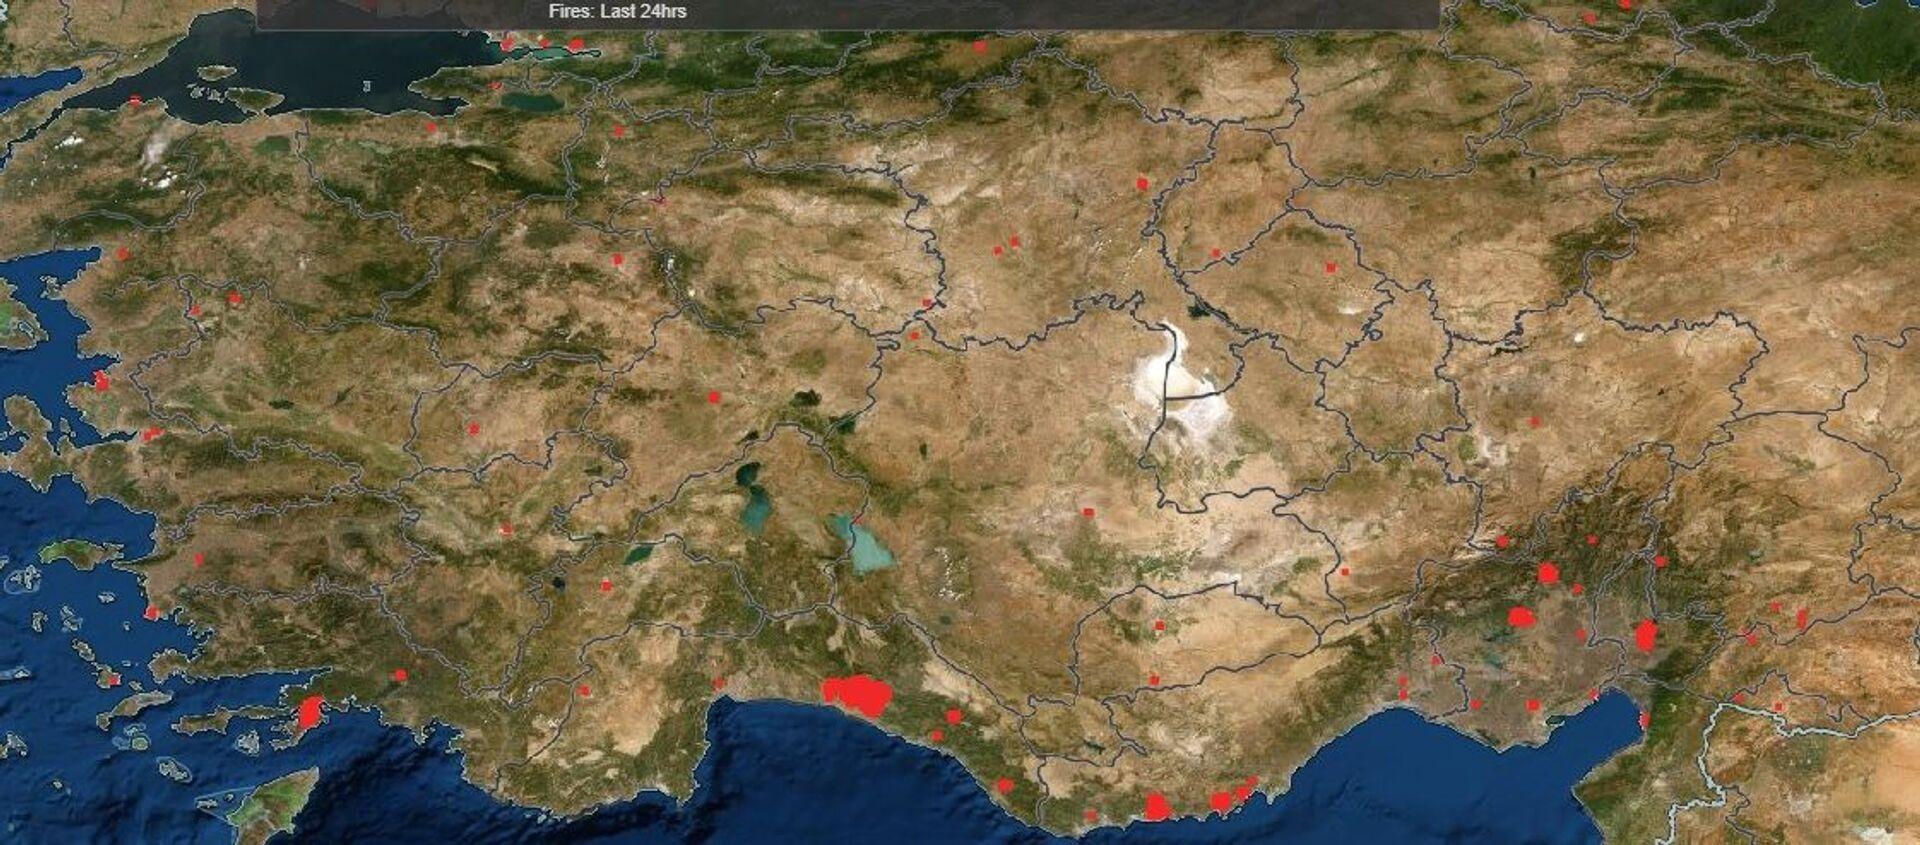 NASA'nın FIRMS uygulamasında Manavgat'taki orman yangını - Sputnik Türkiye, 1920, 30.07.2021